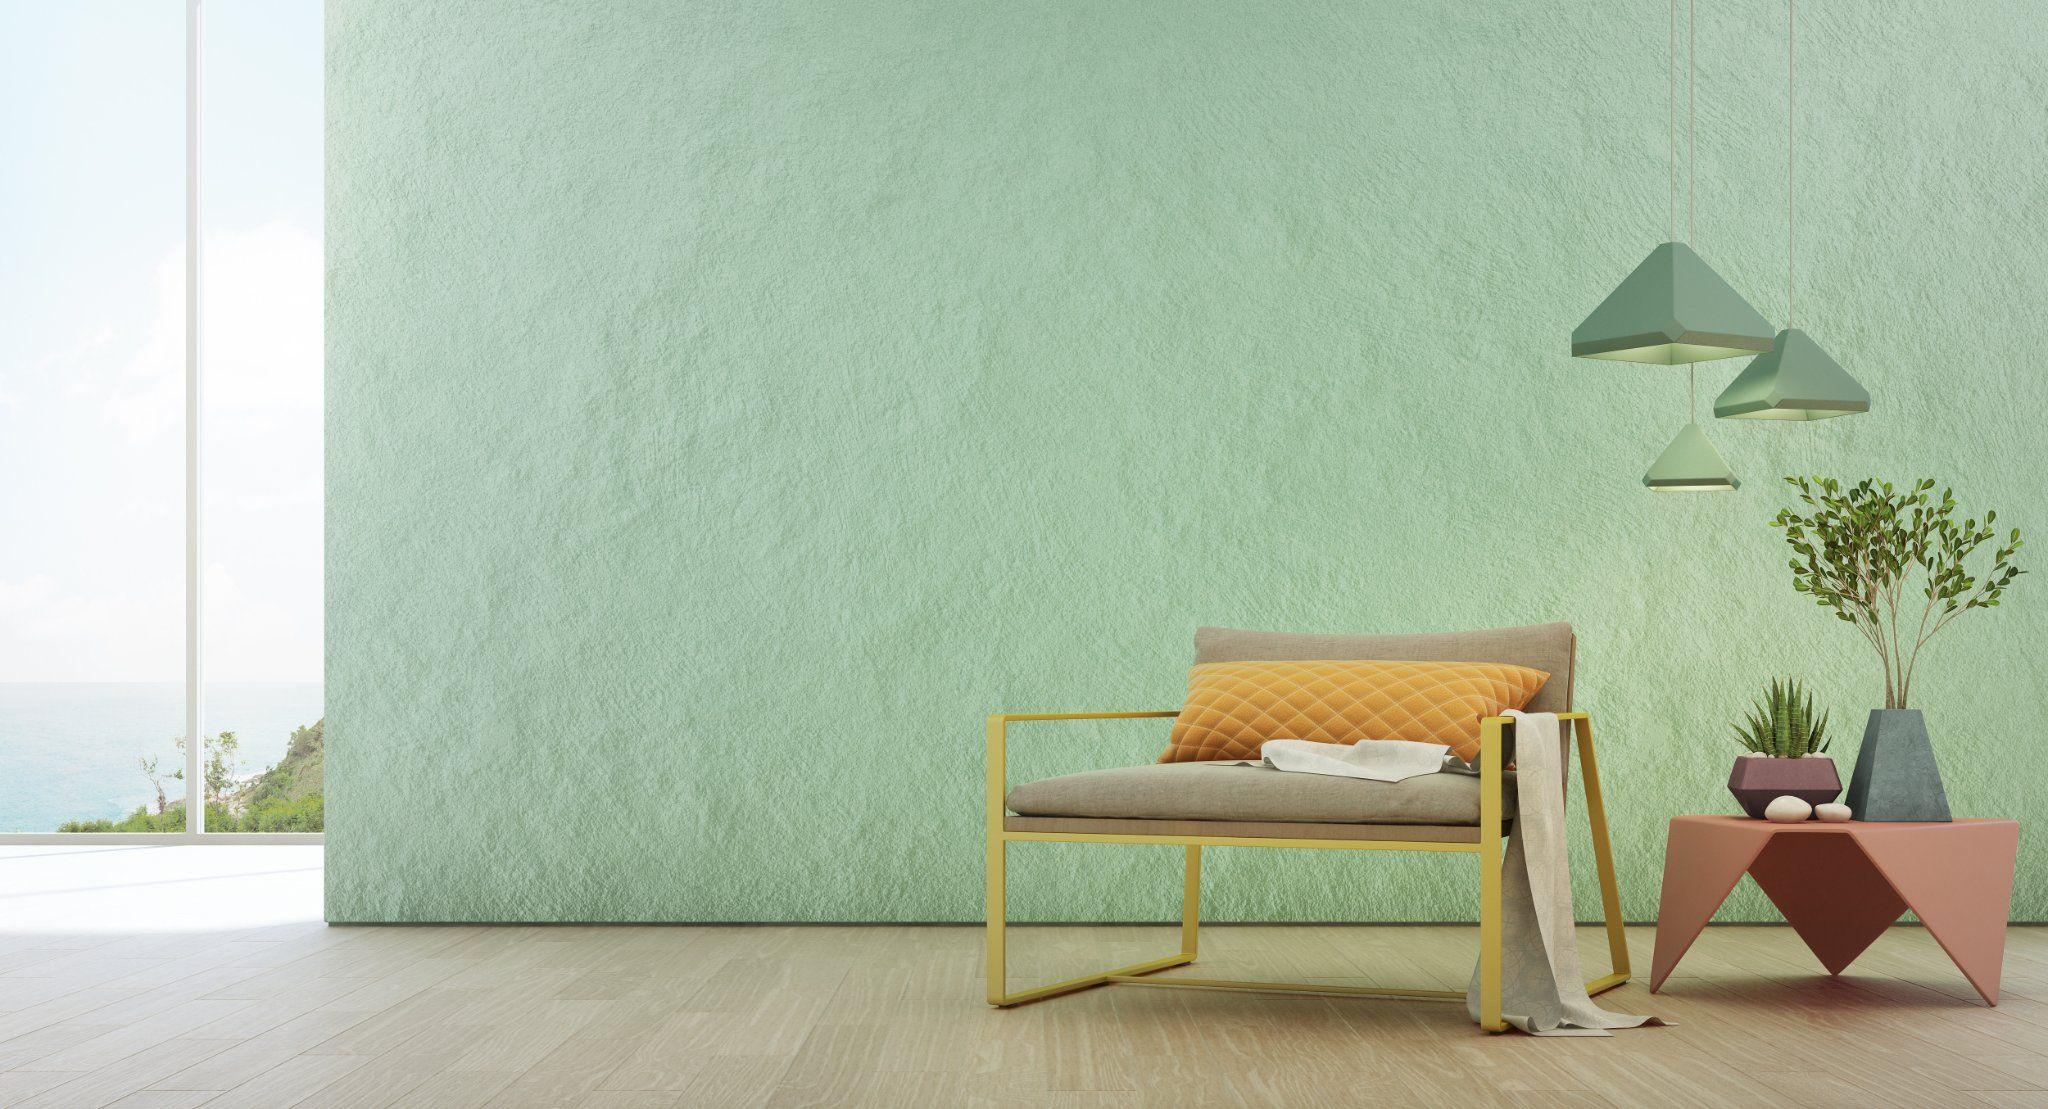 Comment choisir un mur décoratif?